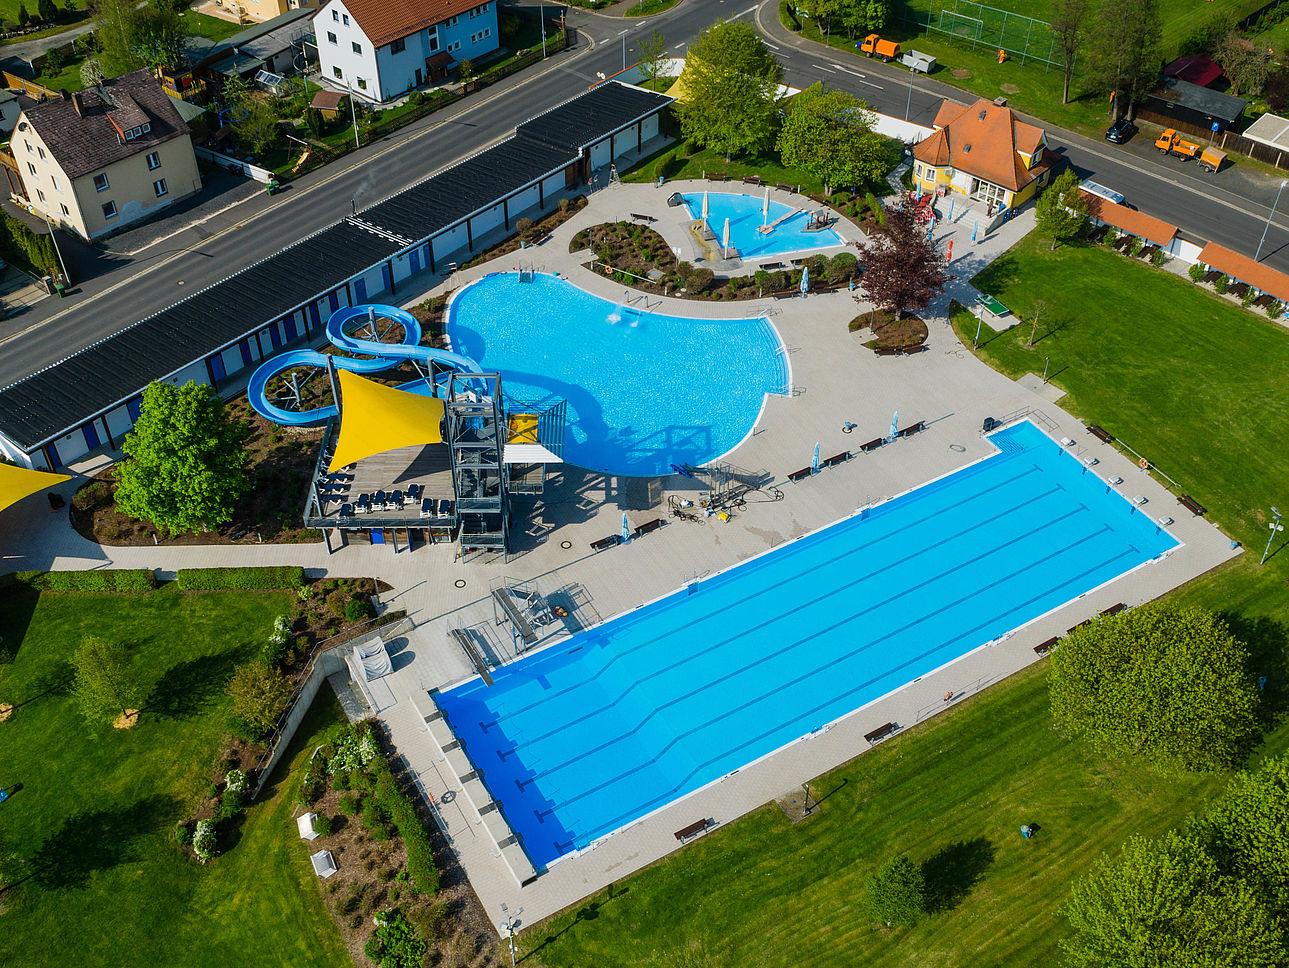 Luftaufnahme vom Egrensisbad Waldsassen.